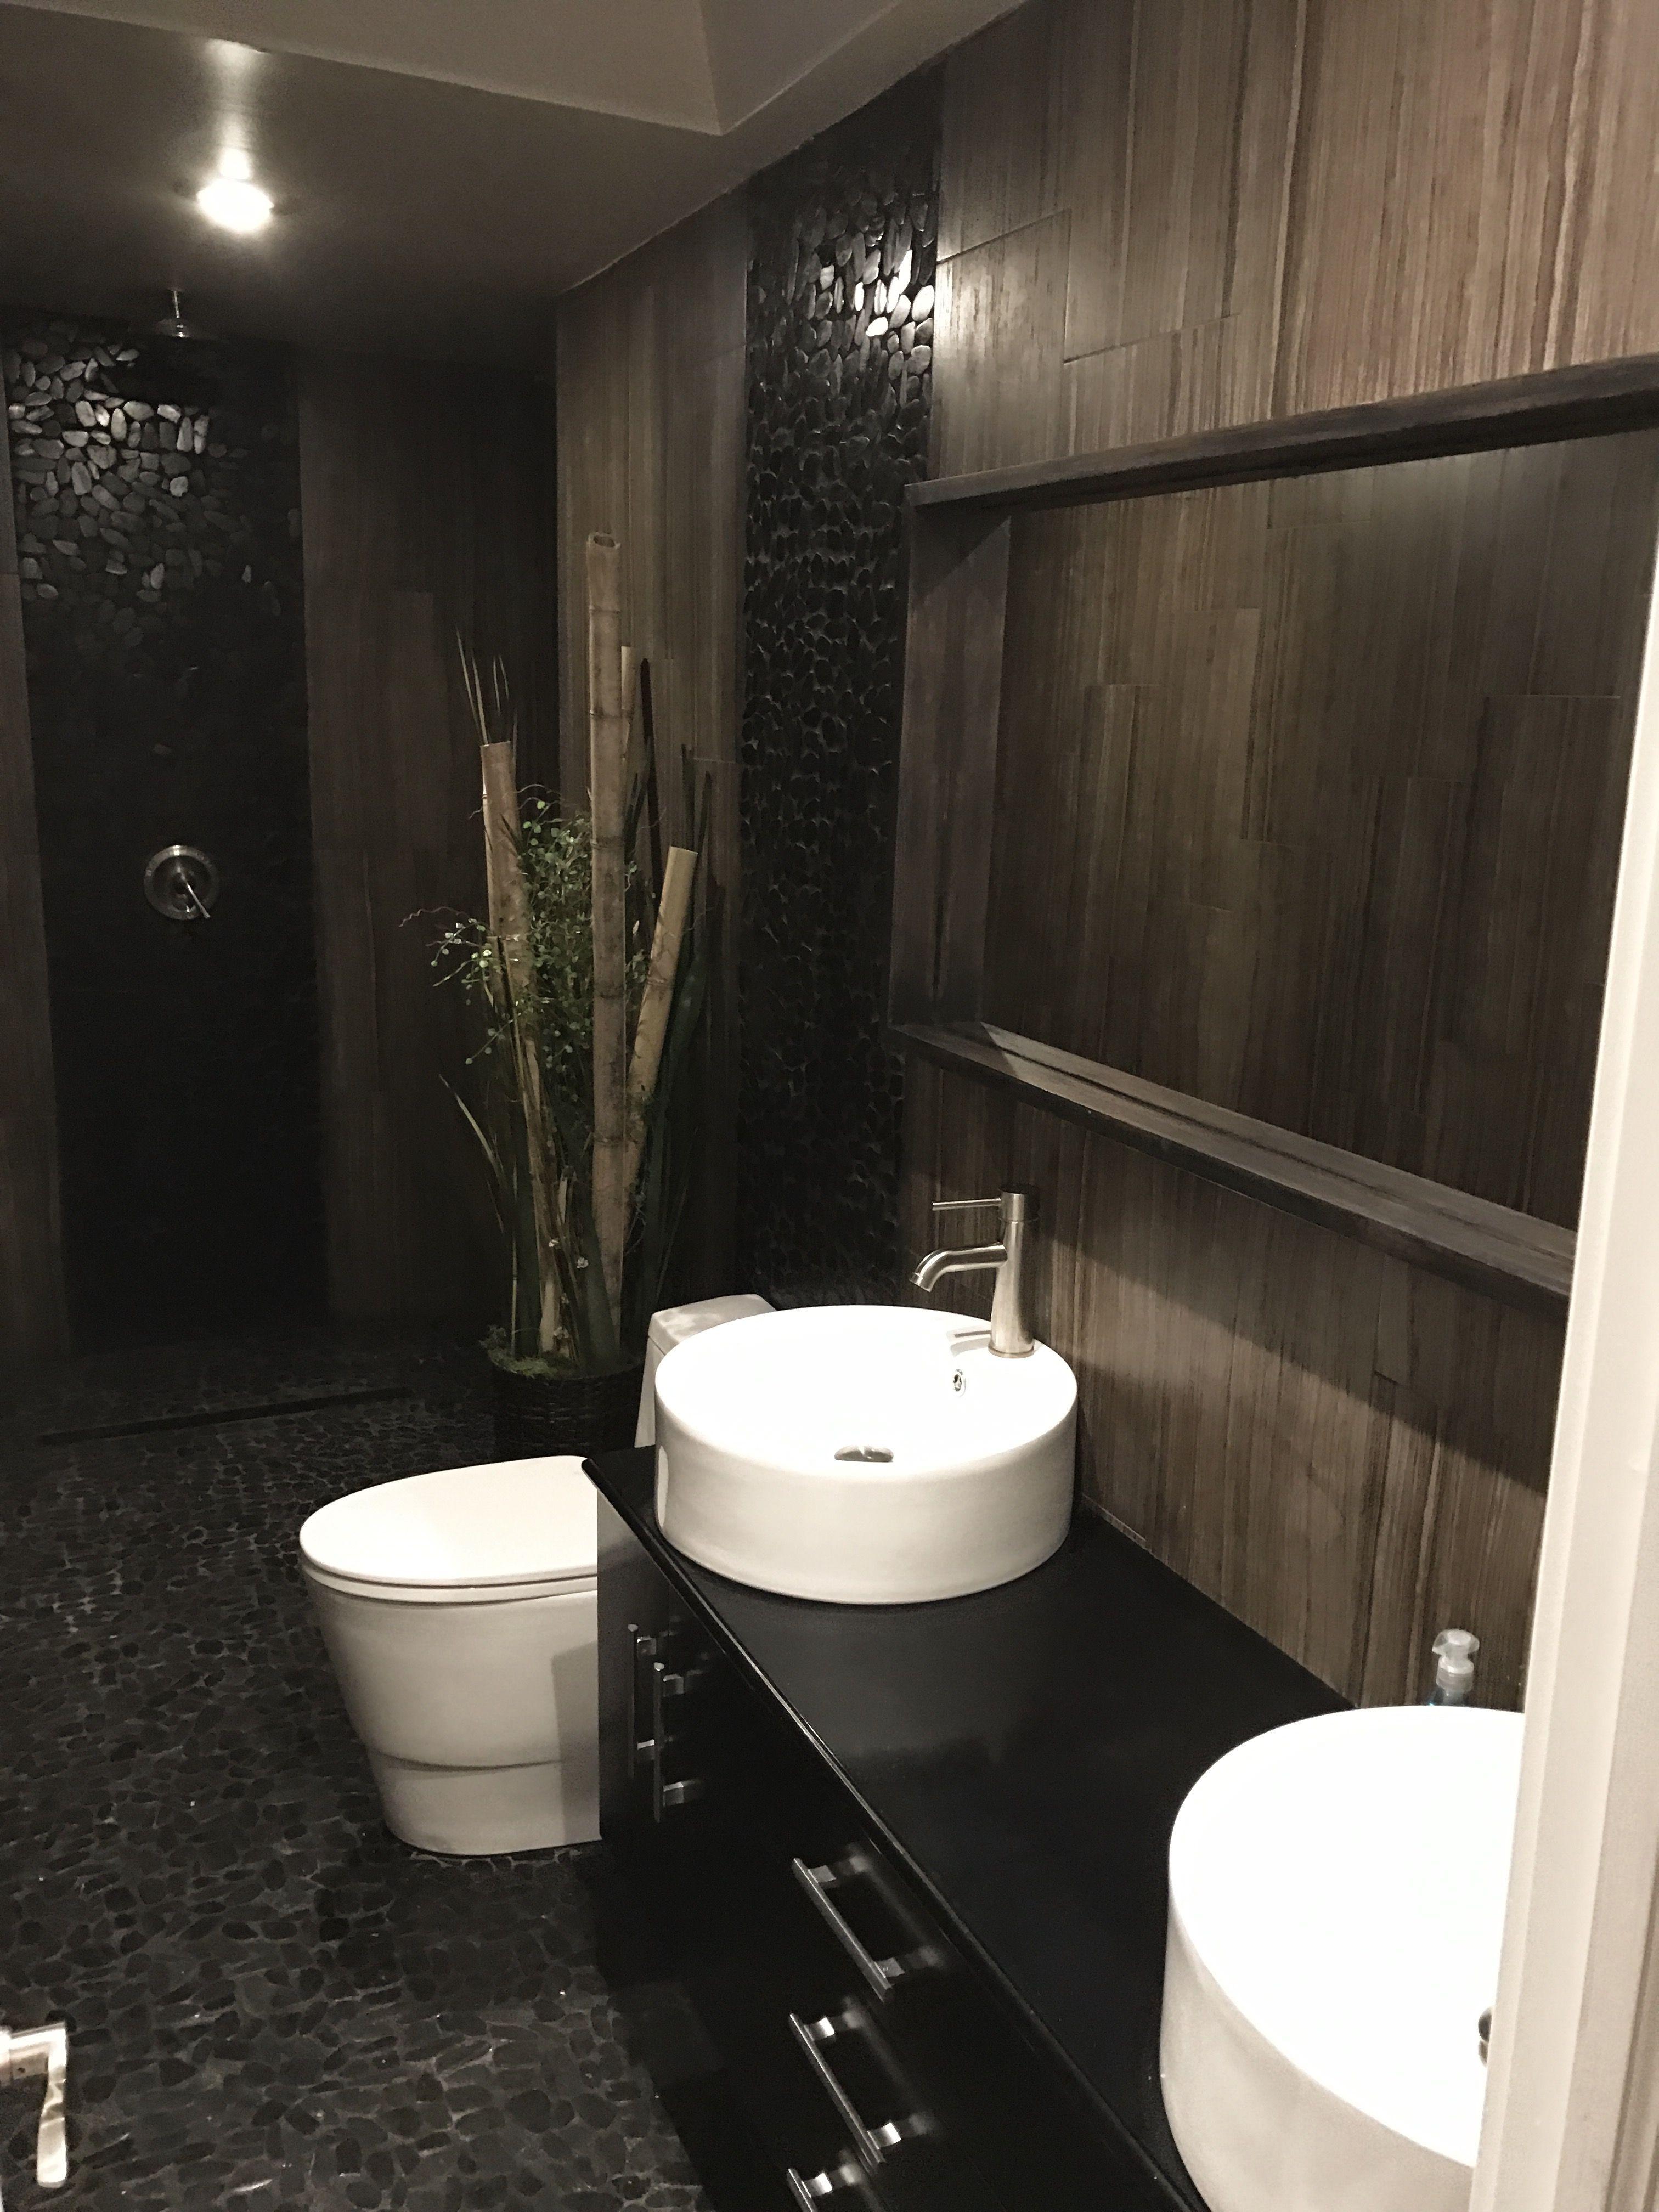 Smallnarrow Bathroom Renovation With No Shower Doors Black Pebble - Bathroom ren